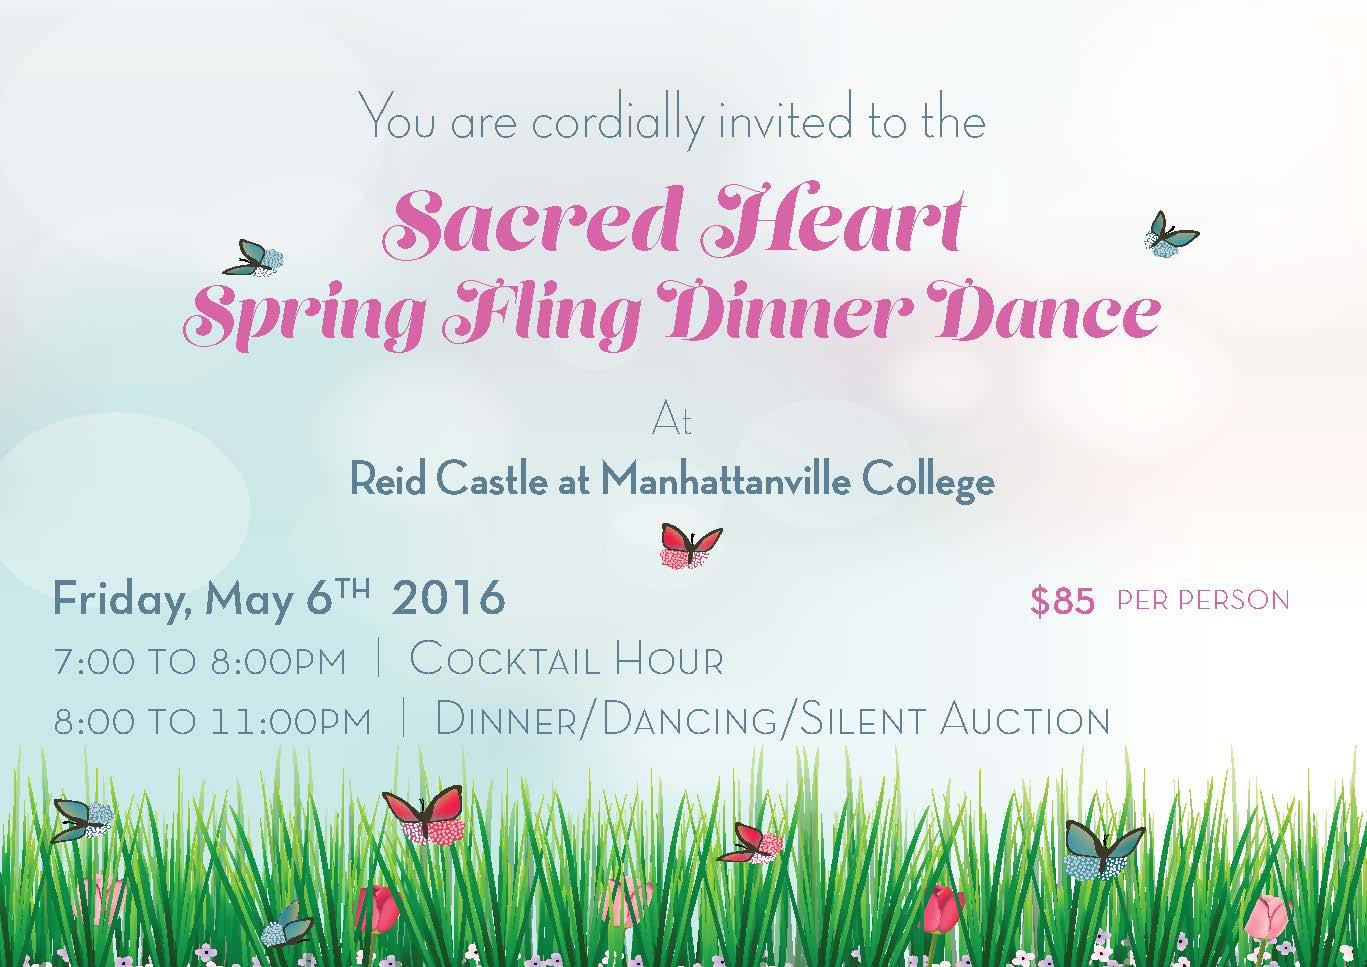 00000412_Sacred Heart Spring Fling_Invite_FINALPRINT.jpg